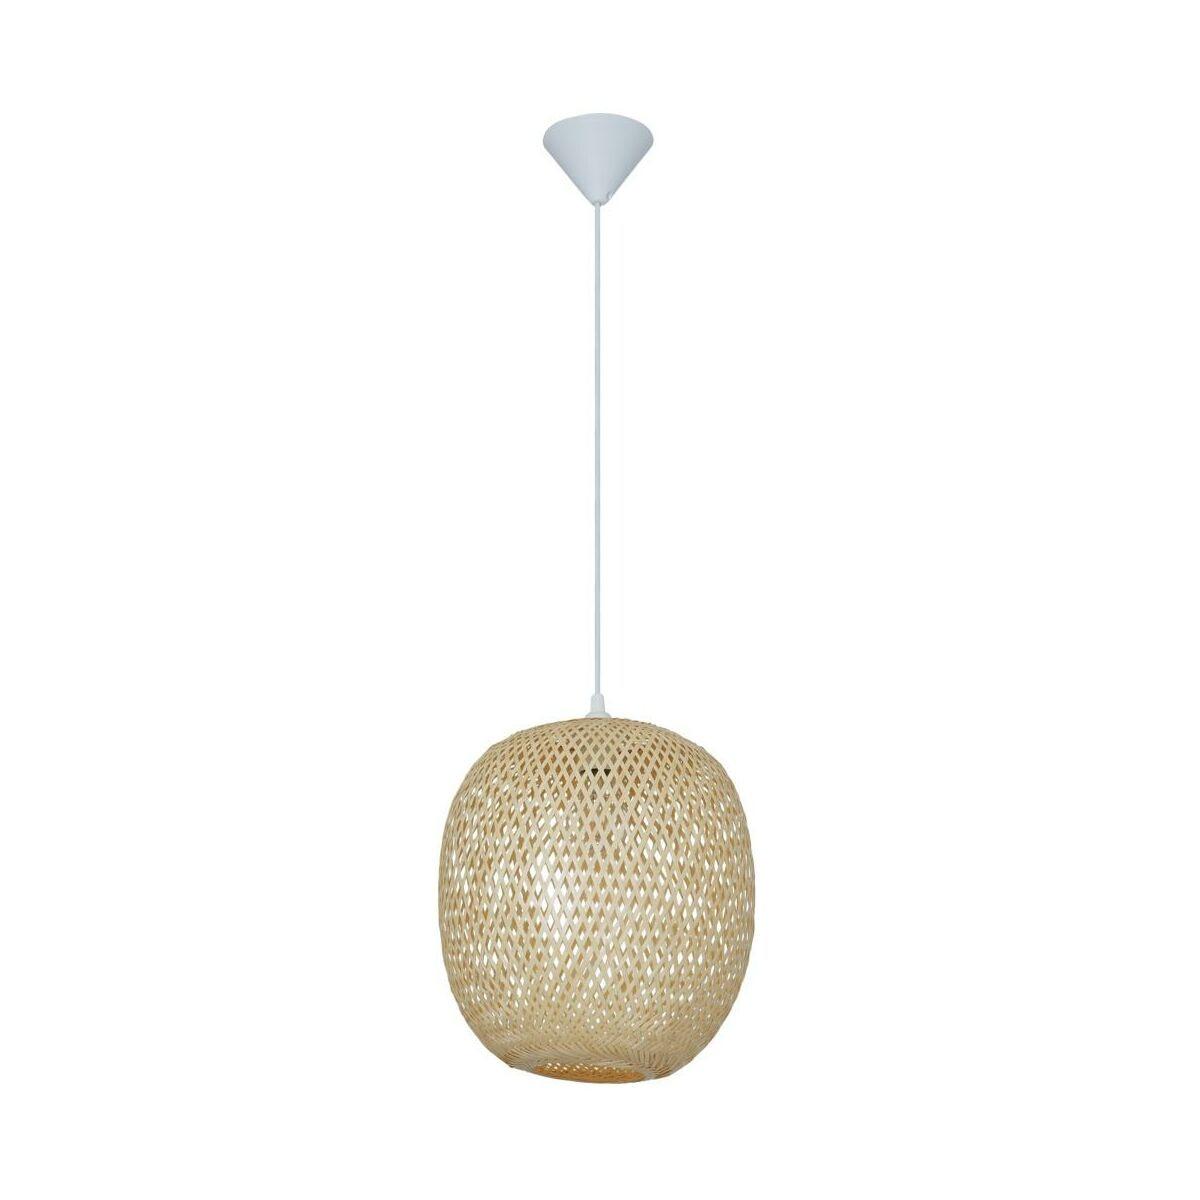 Lampa Wiszaca Annam Bezowa E27 Inspire Zyrandole Lampy Wiszace I Sufitowe W Atrakcyjnej Cenie W Sklepach Leroy Merlin